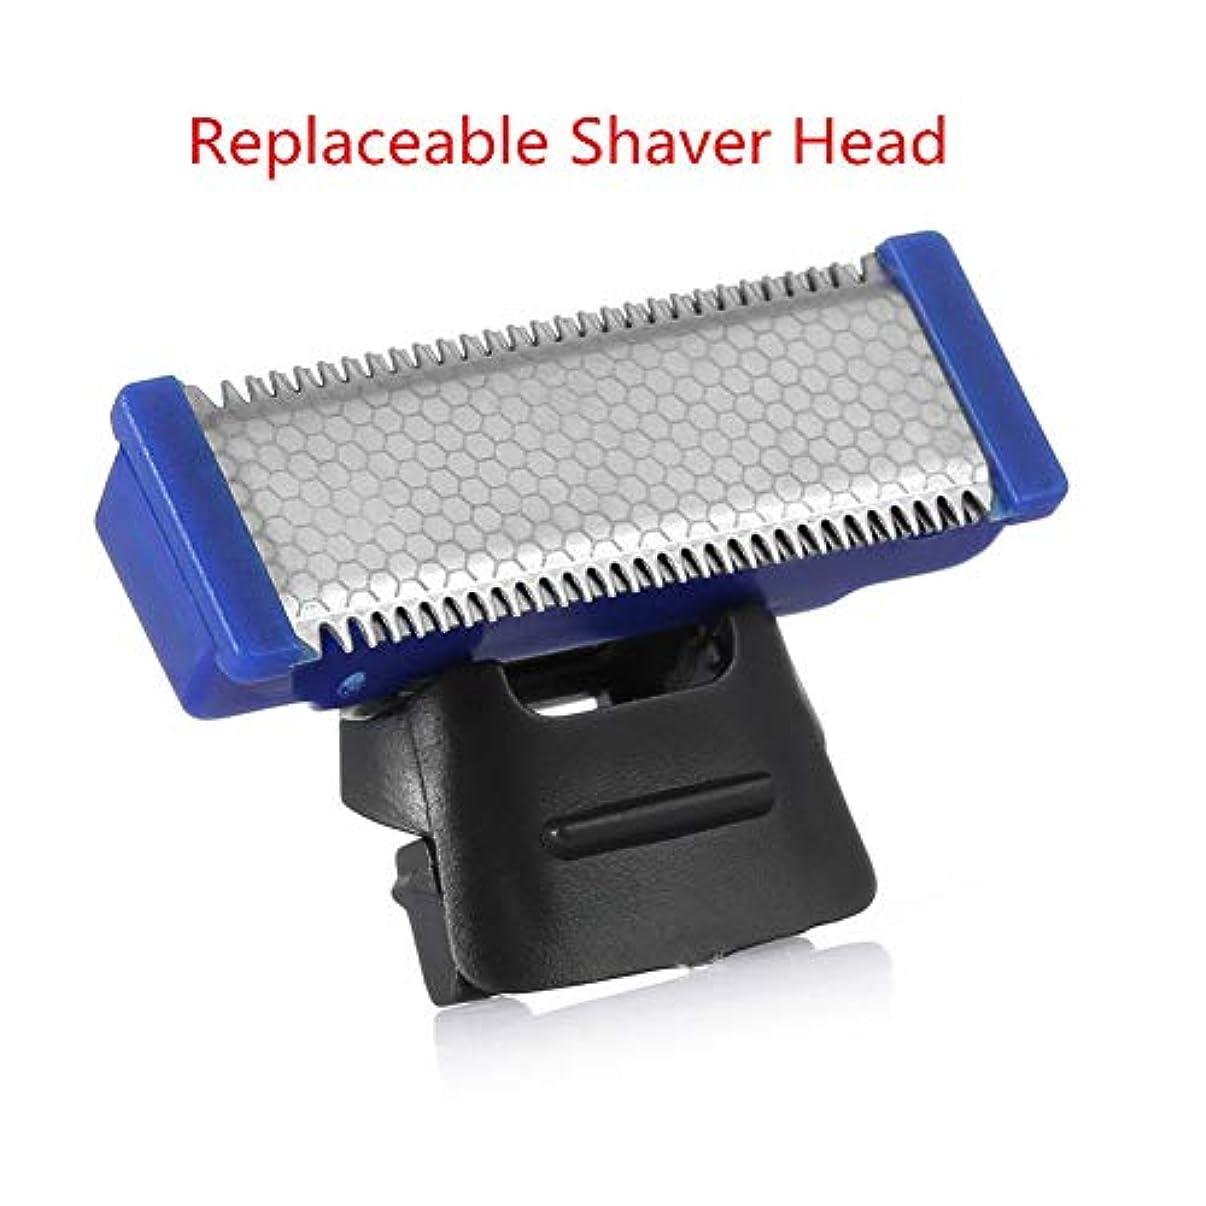 割れ目安全でない霜電気かみそり FidgetFidget メンズ電気シェーバー充電式毛掃除トリマー トリマー交換用カッターヘッド